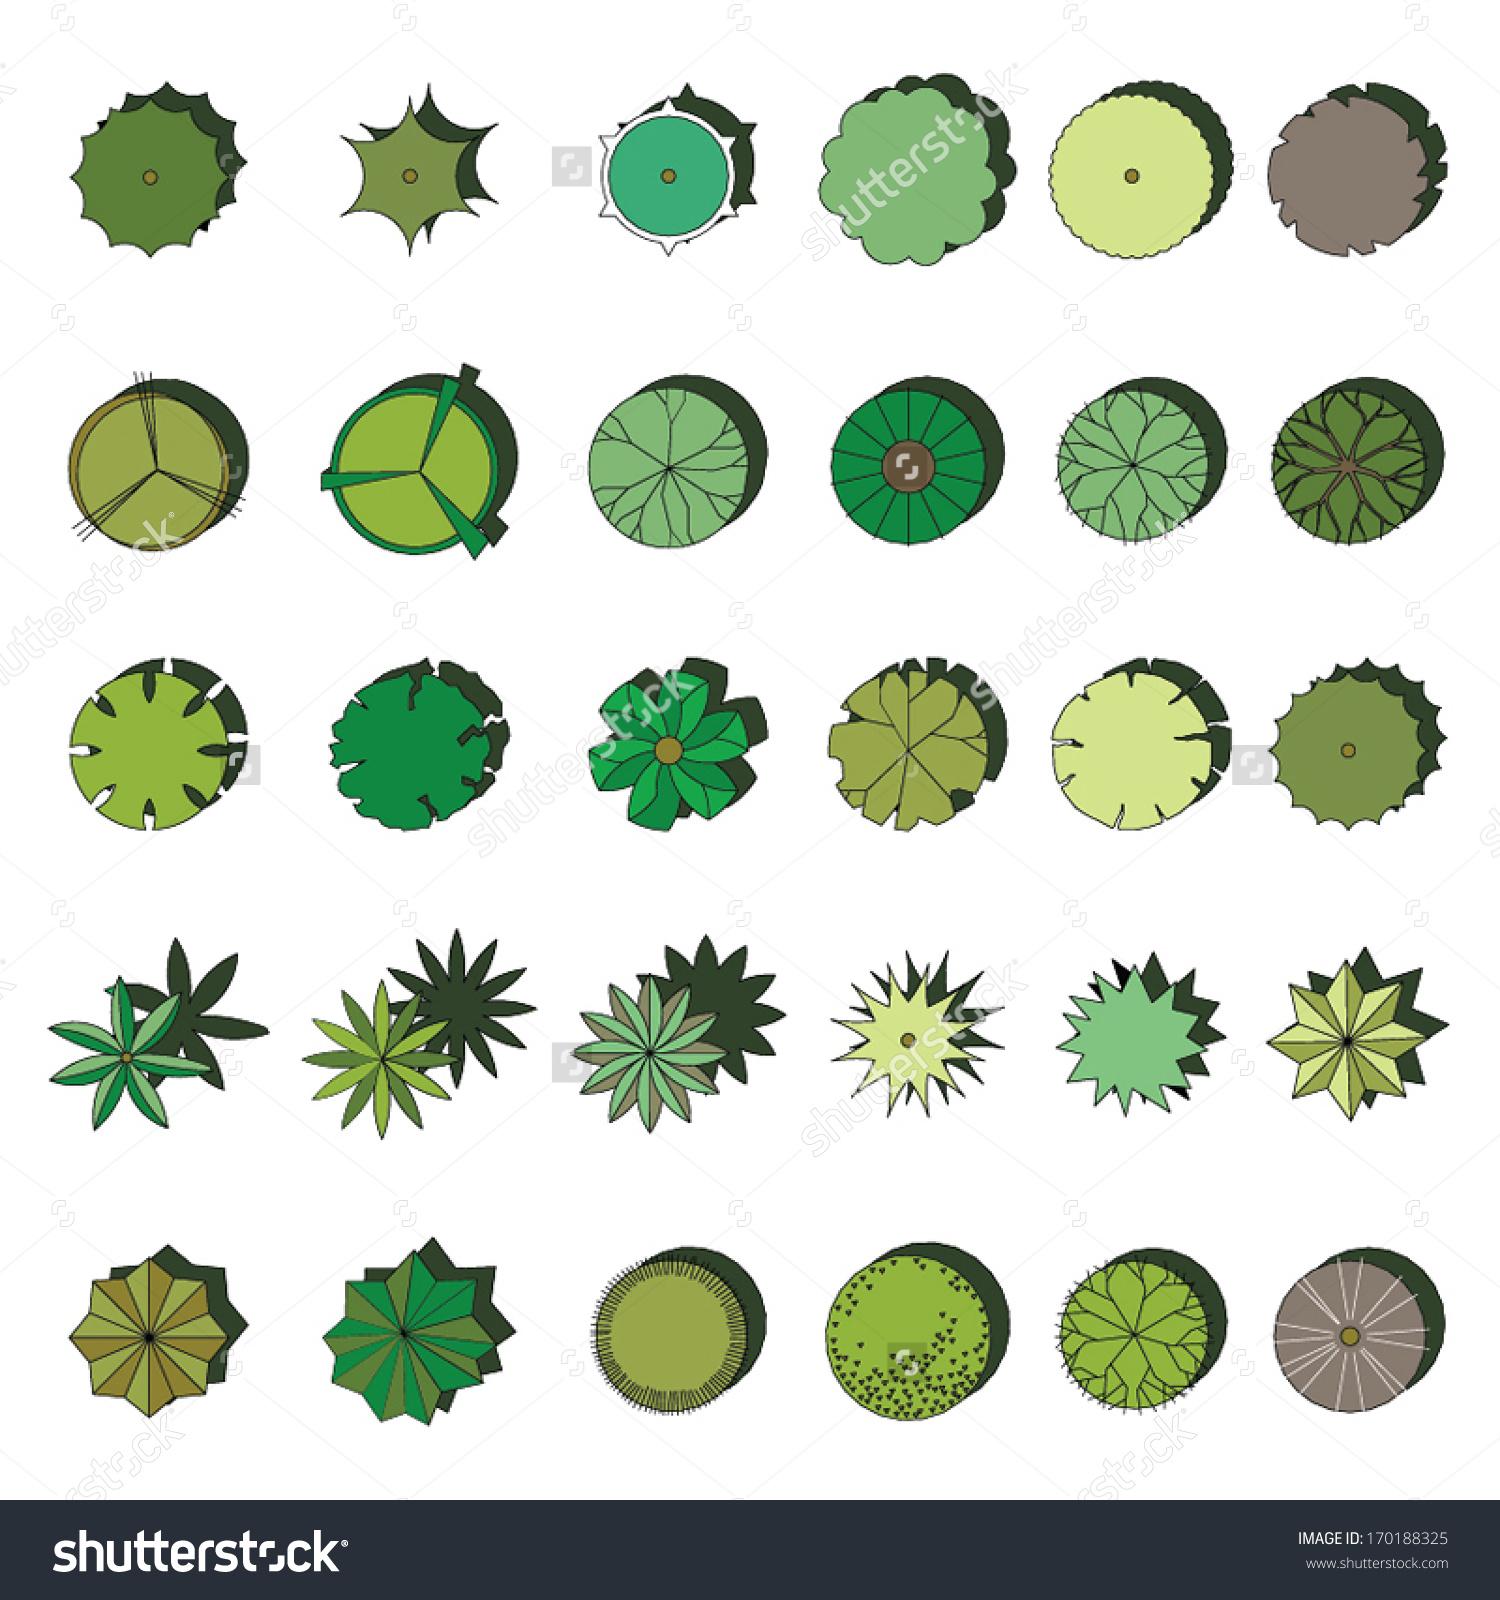 1500x1600 Images Of Landscape Design Vector